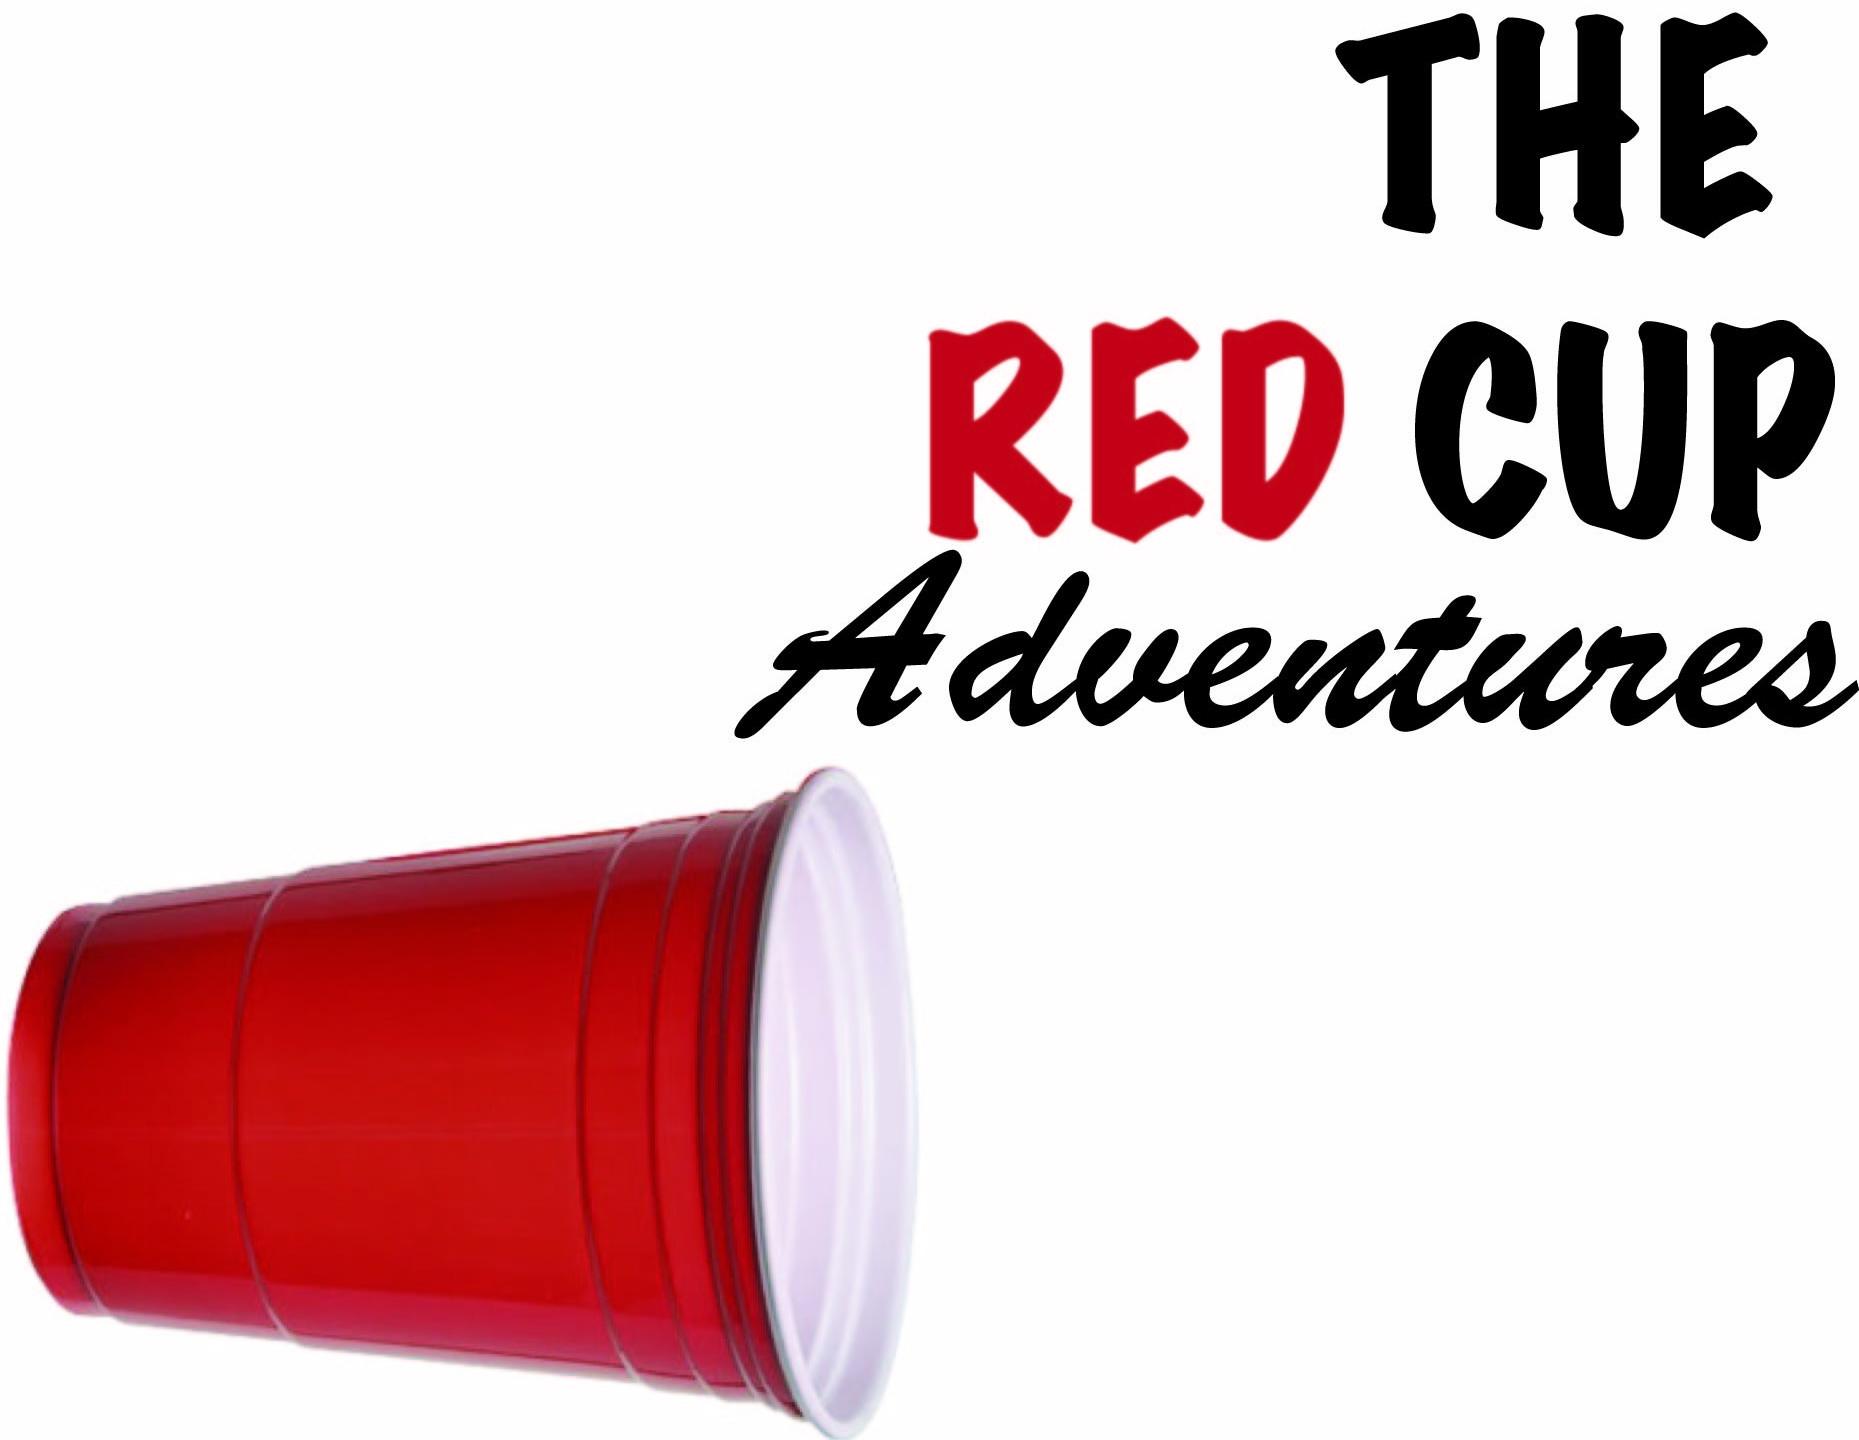 Red Cup Adventures no SGS Image